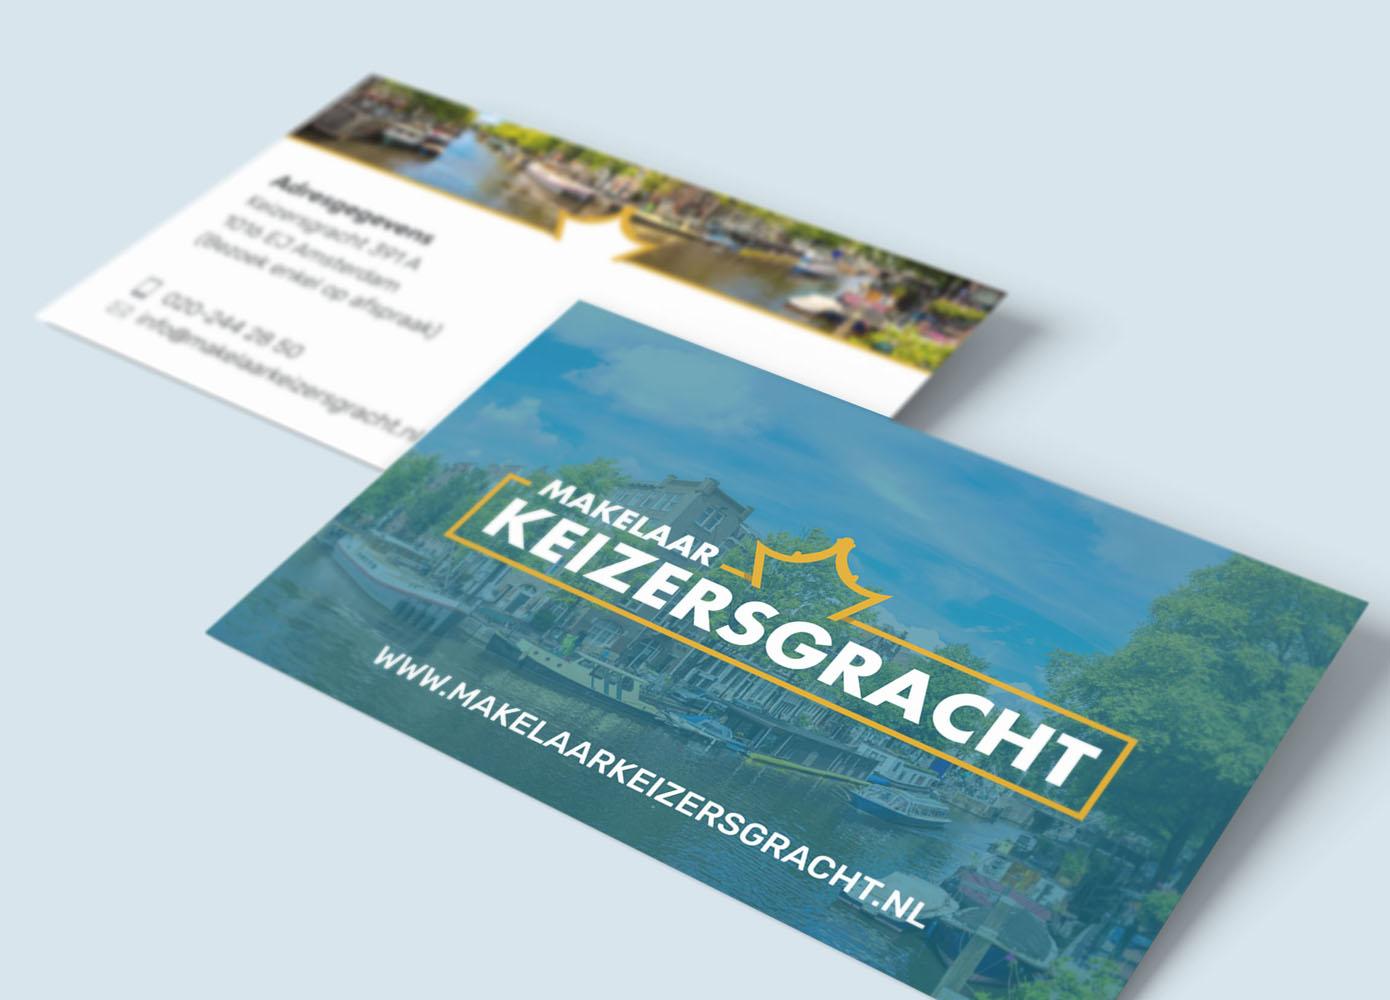 Visitekaart ontwerp Makelaar Keizersgracht